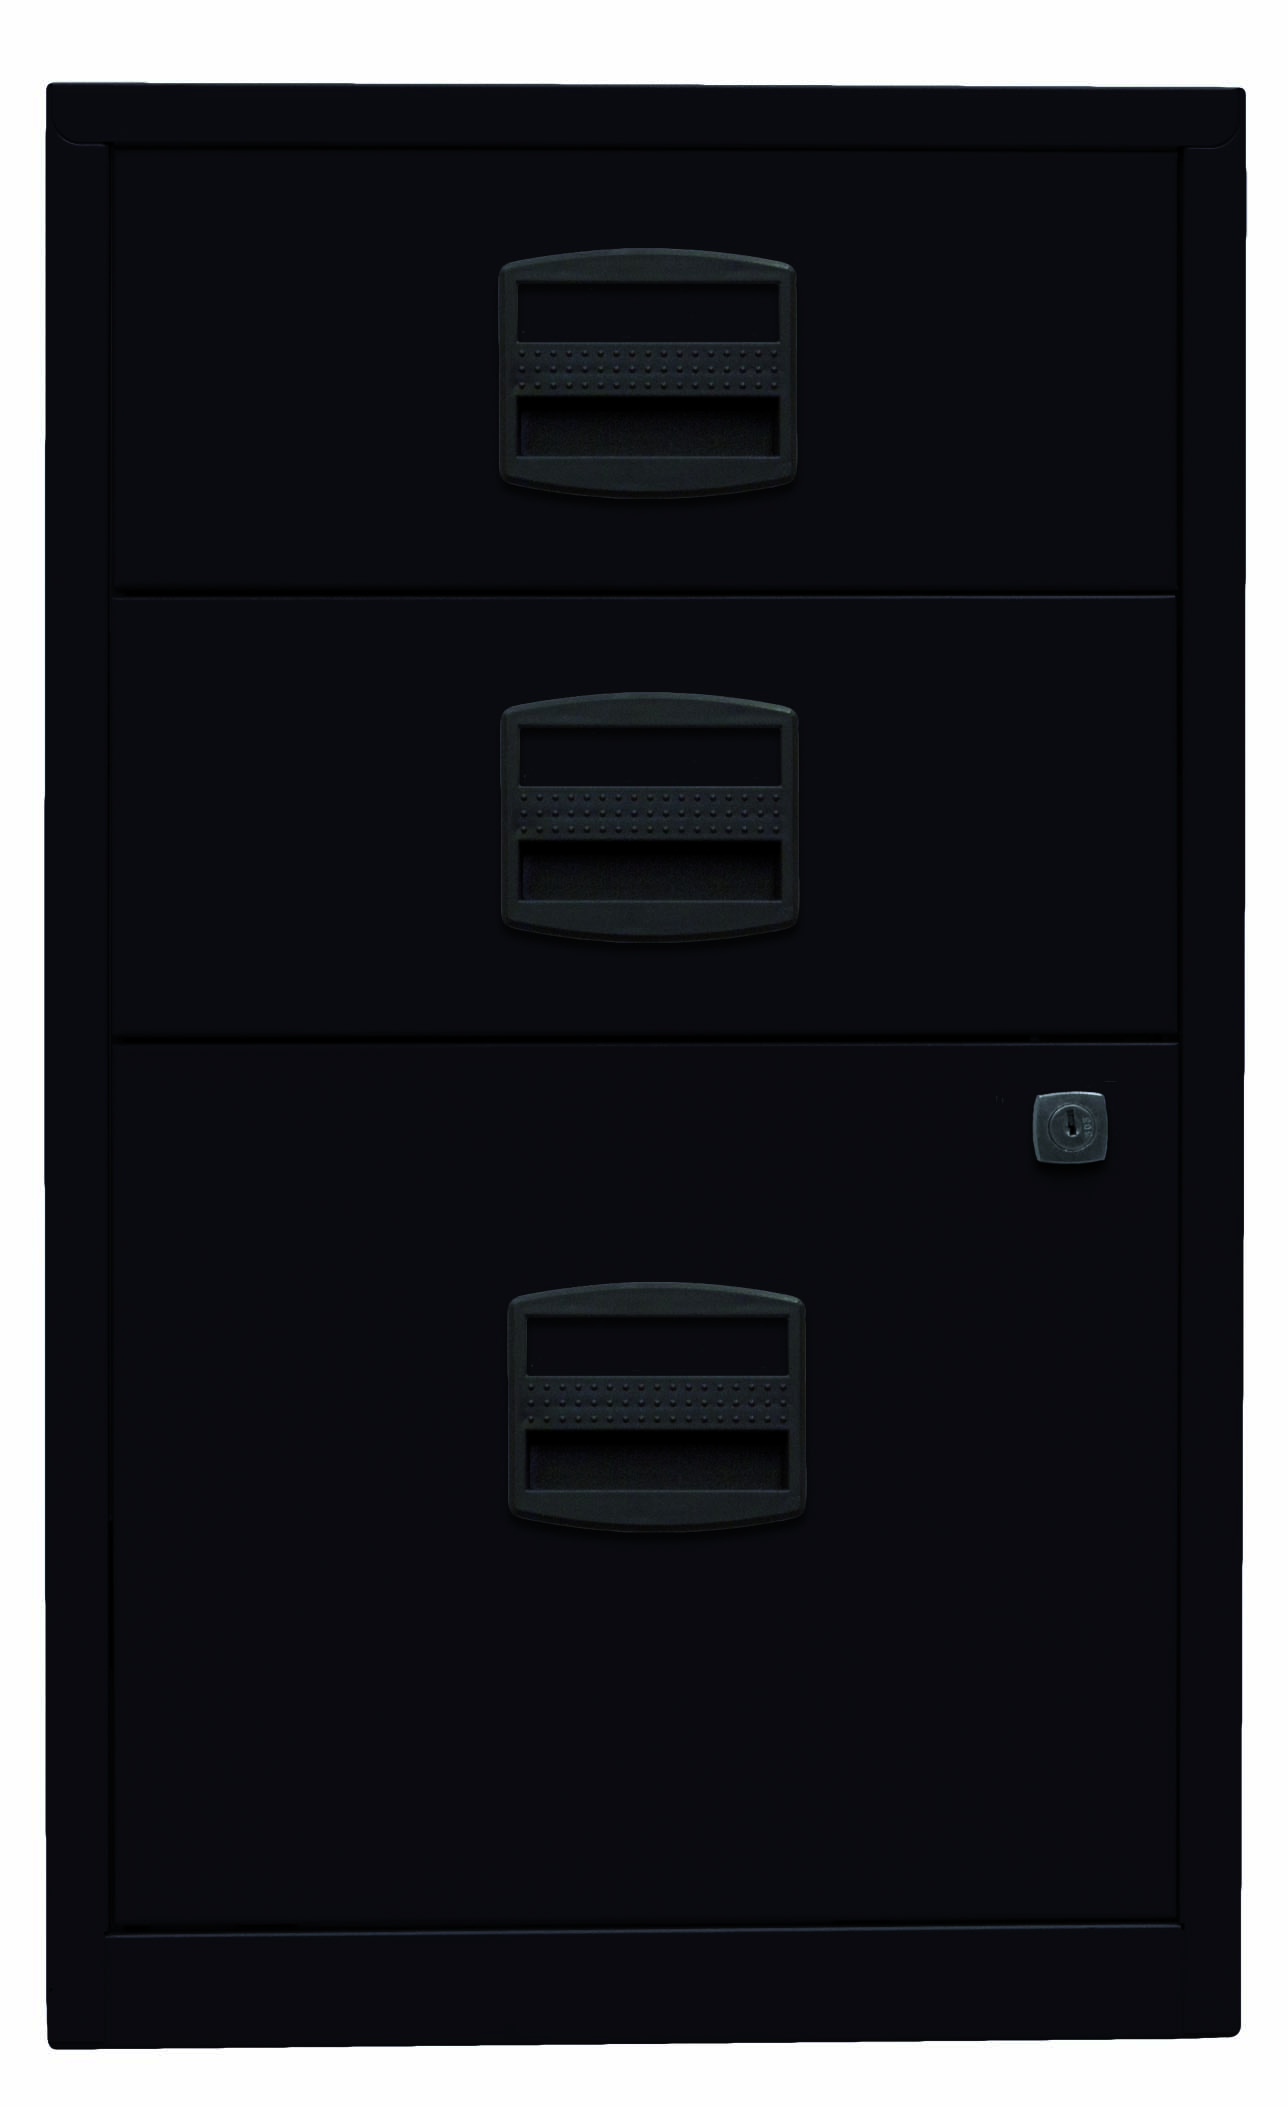 Beistellschrank PFA, 2 Universalschubladen, 1 HR-Schublade, Farbe schwarz